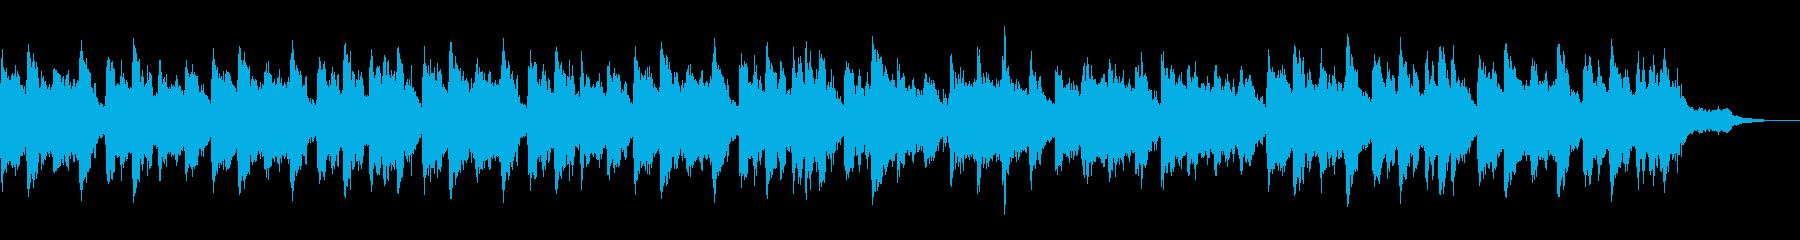 テーマ「オカリナの故郷へ走る」60秒の再生済みの波形